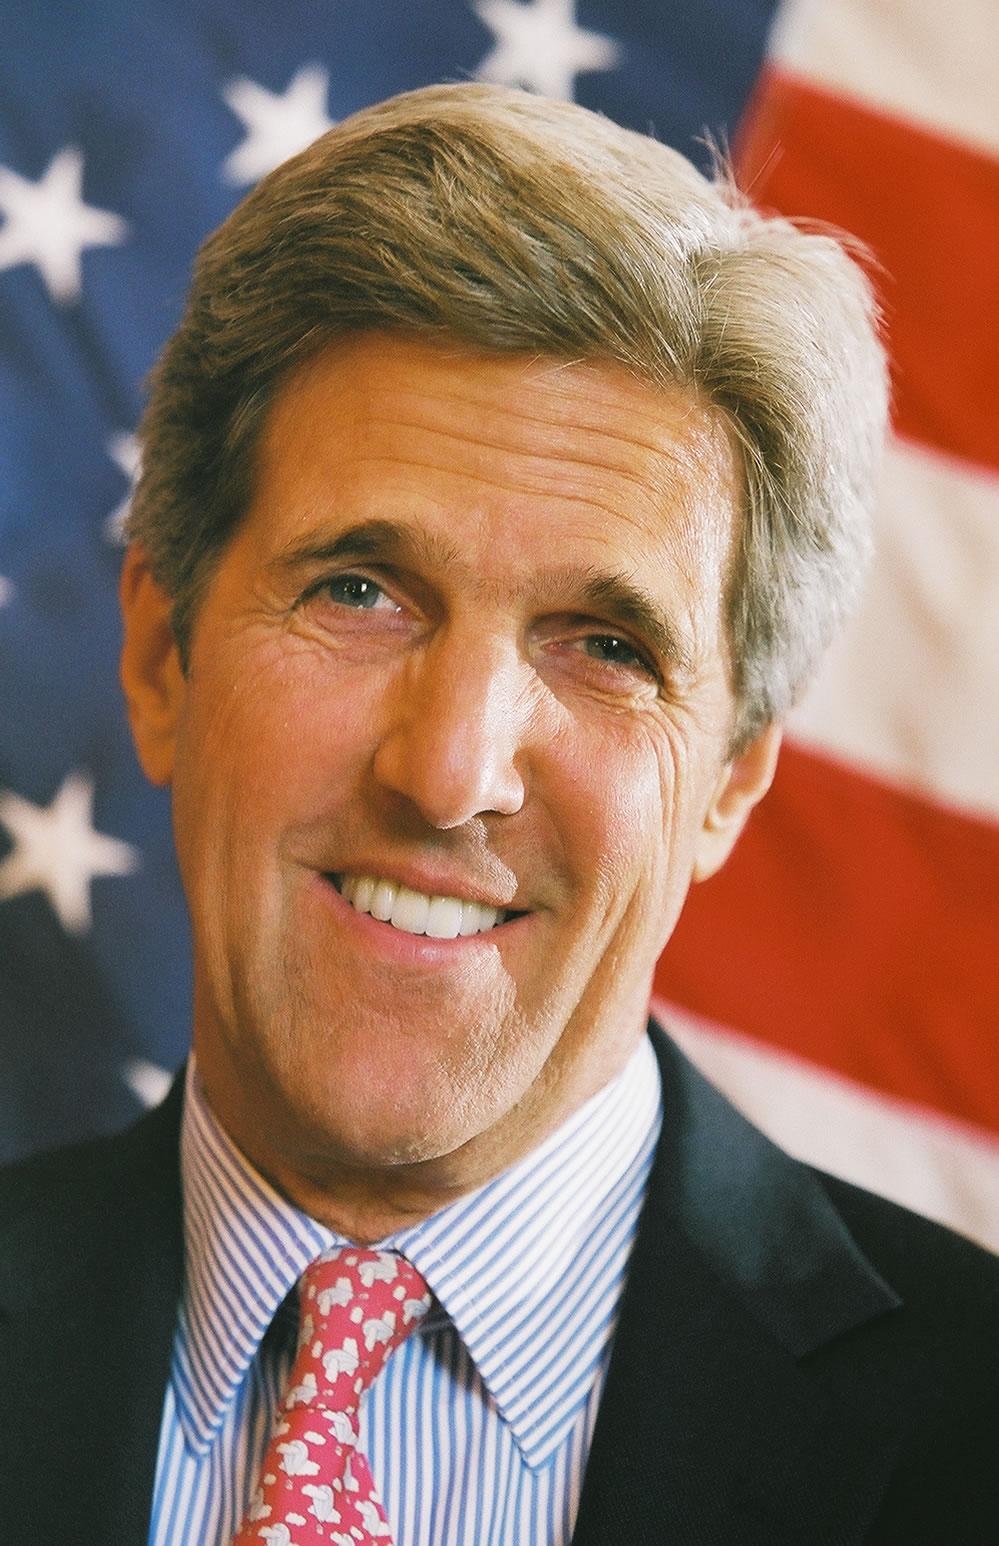 Whoa John Kerry had a bad facelift